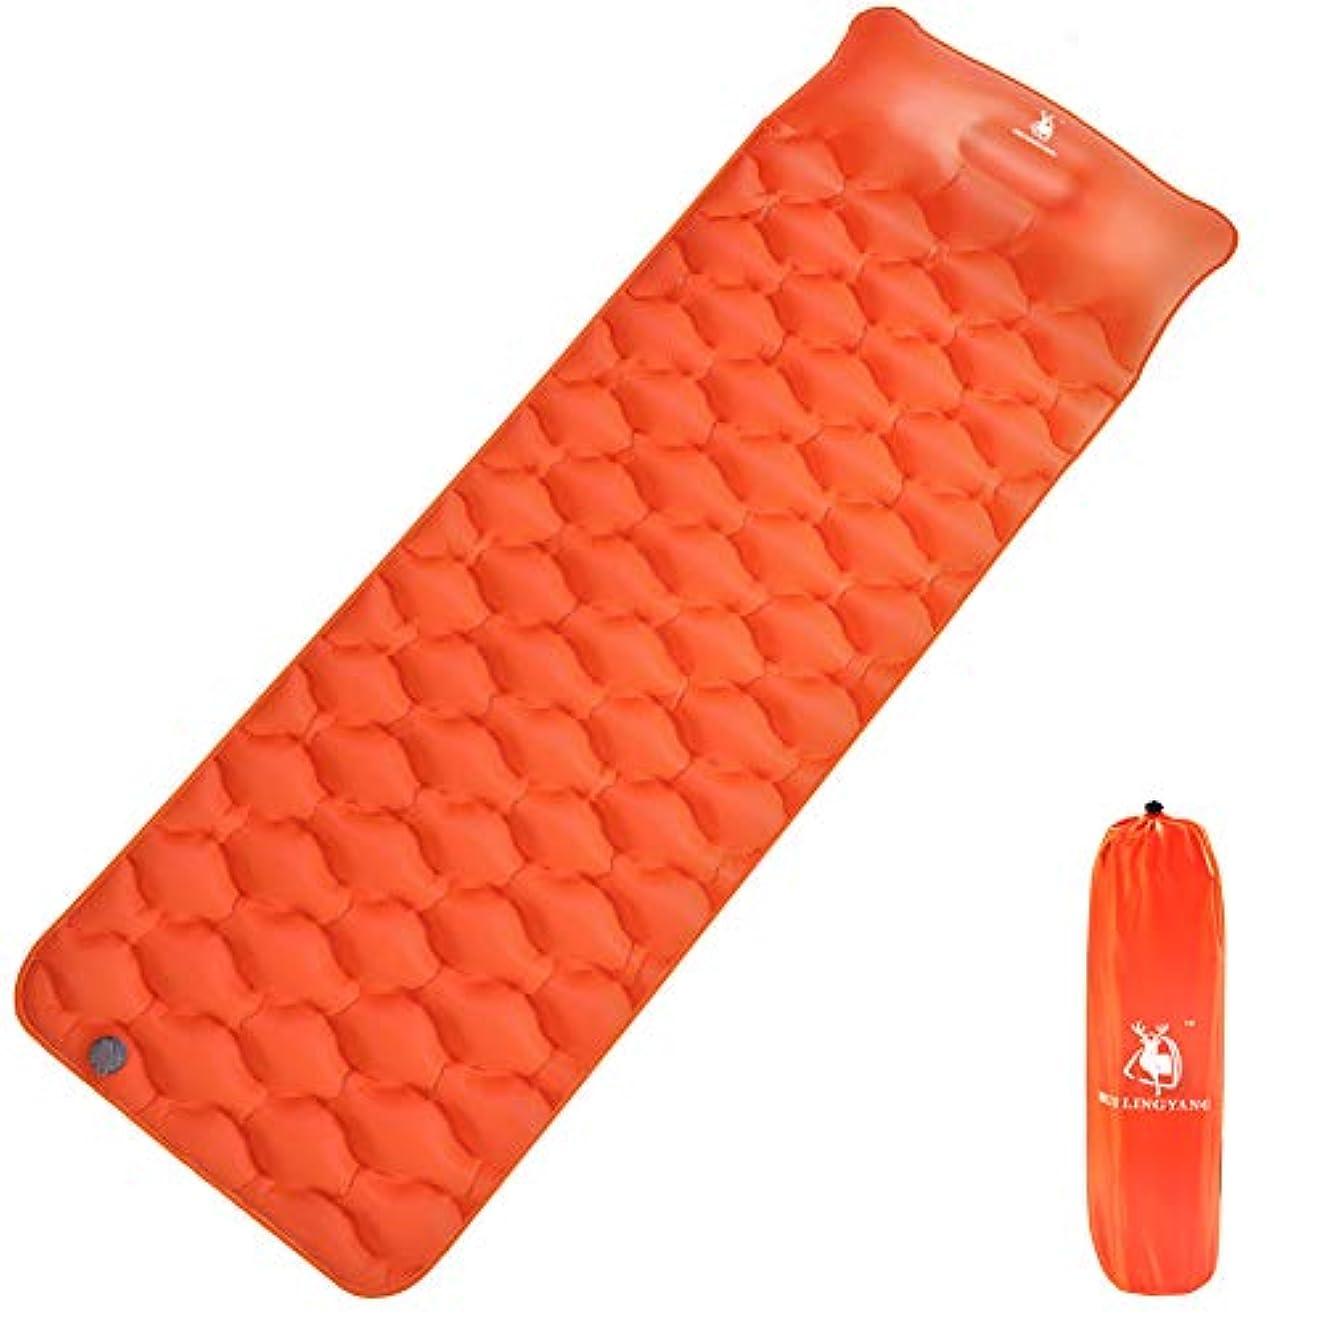 コジオスコ乱用メトロポリタンエアーマット キャンプマット 枕付き 超軽量型 耐水加工 コンパクト 厚さ6.5cm 空気入れポーチ付き(オレンジ)